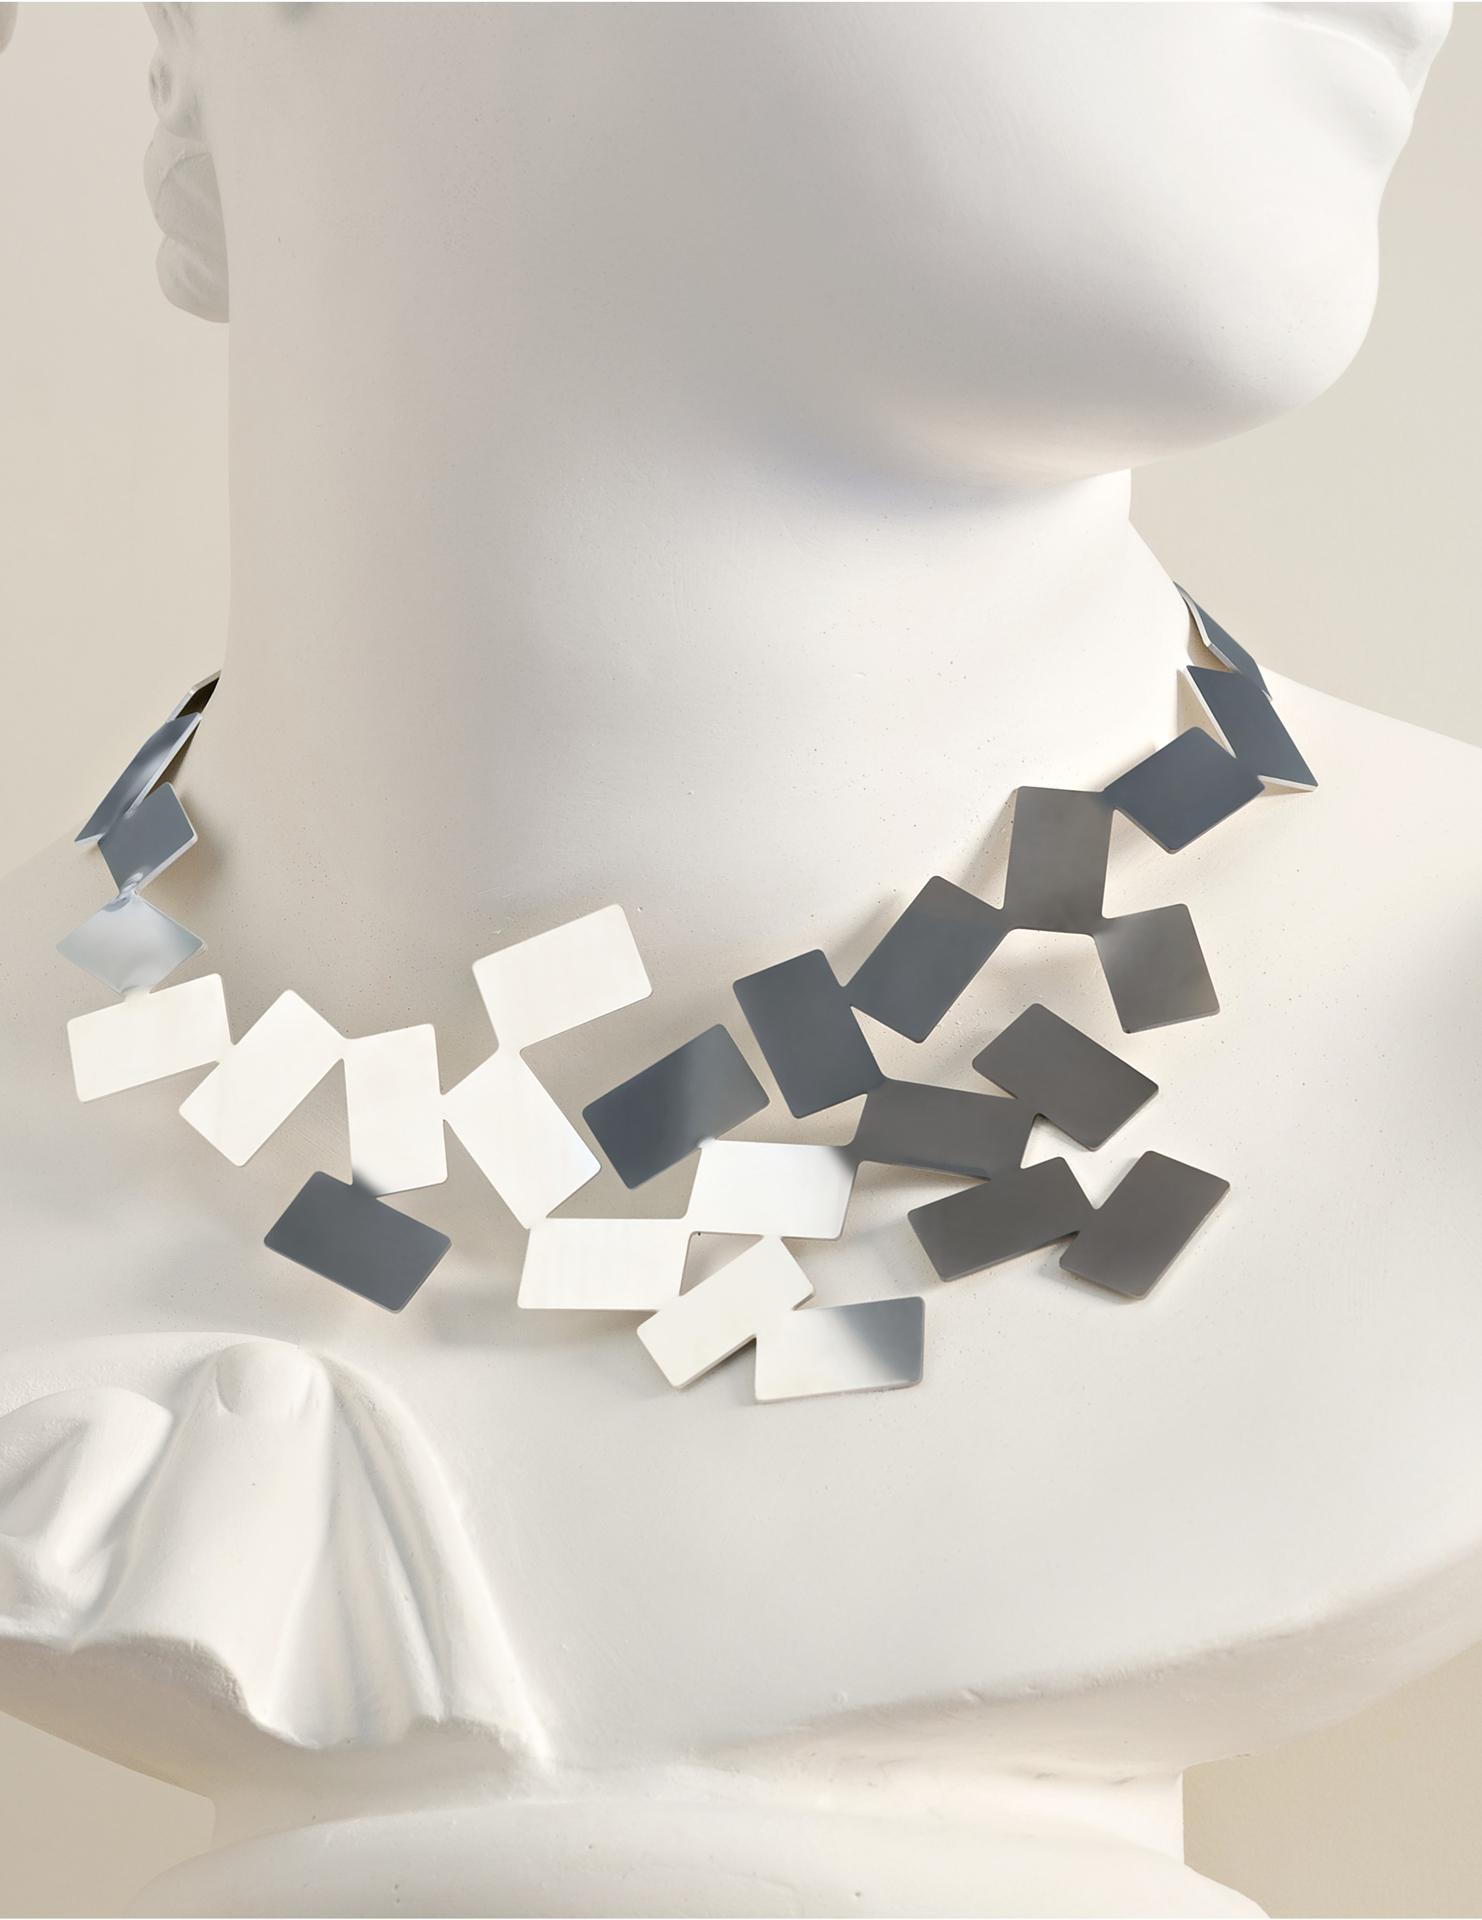 Fiato-sul-collo_Alessi_Mario-Trimarchi-Design-Ph-Santi Caleca